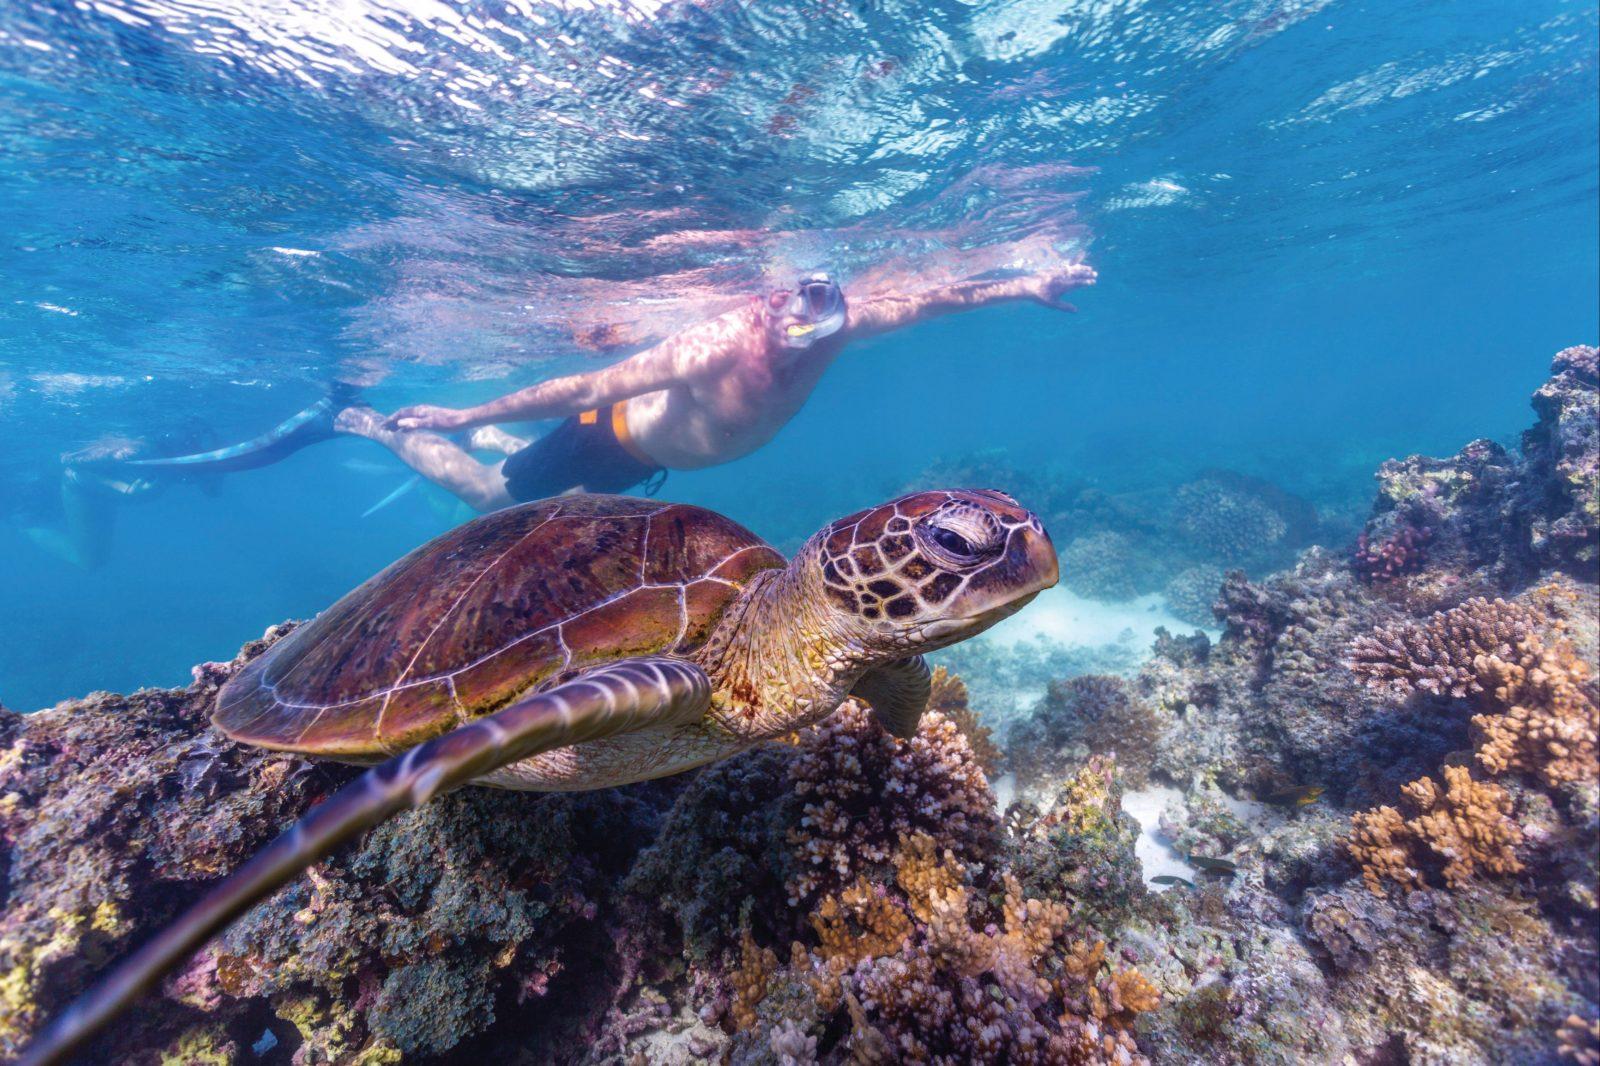 Snorkelling at Ningaloo Marine Park